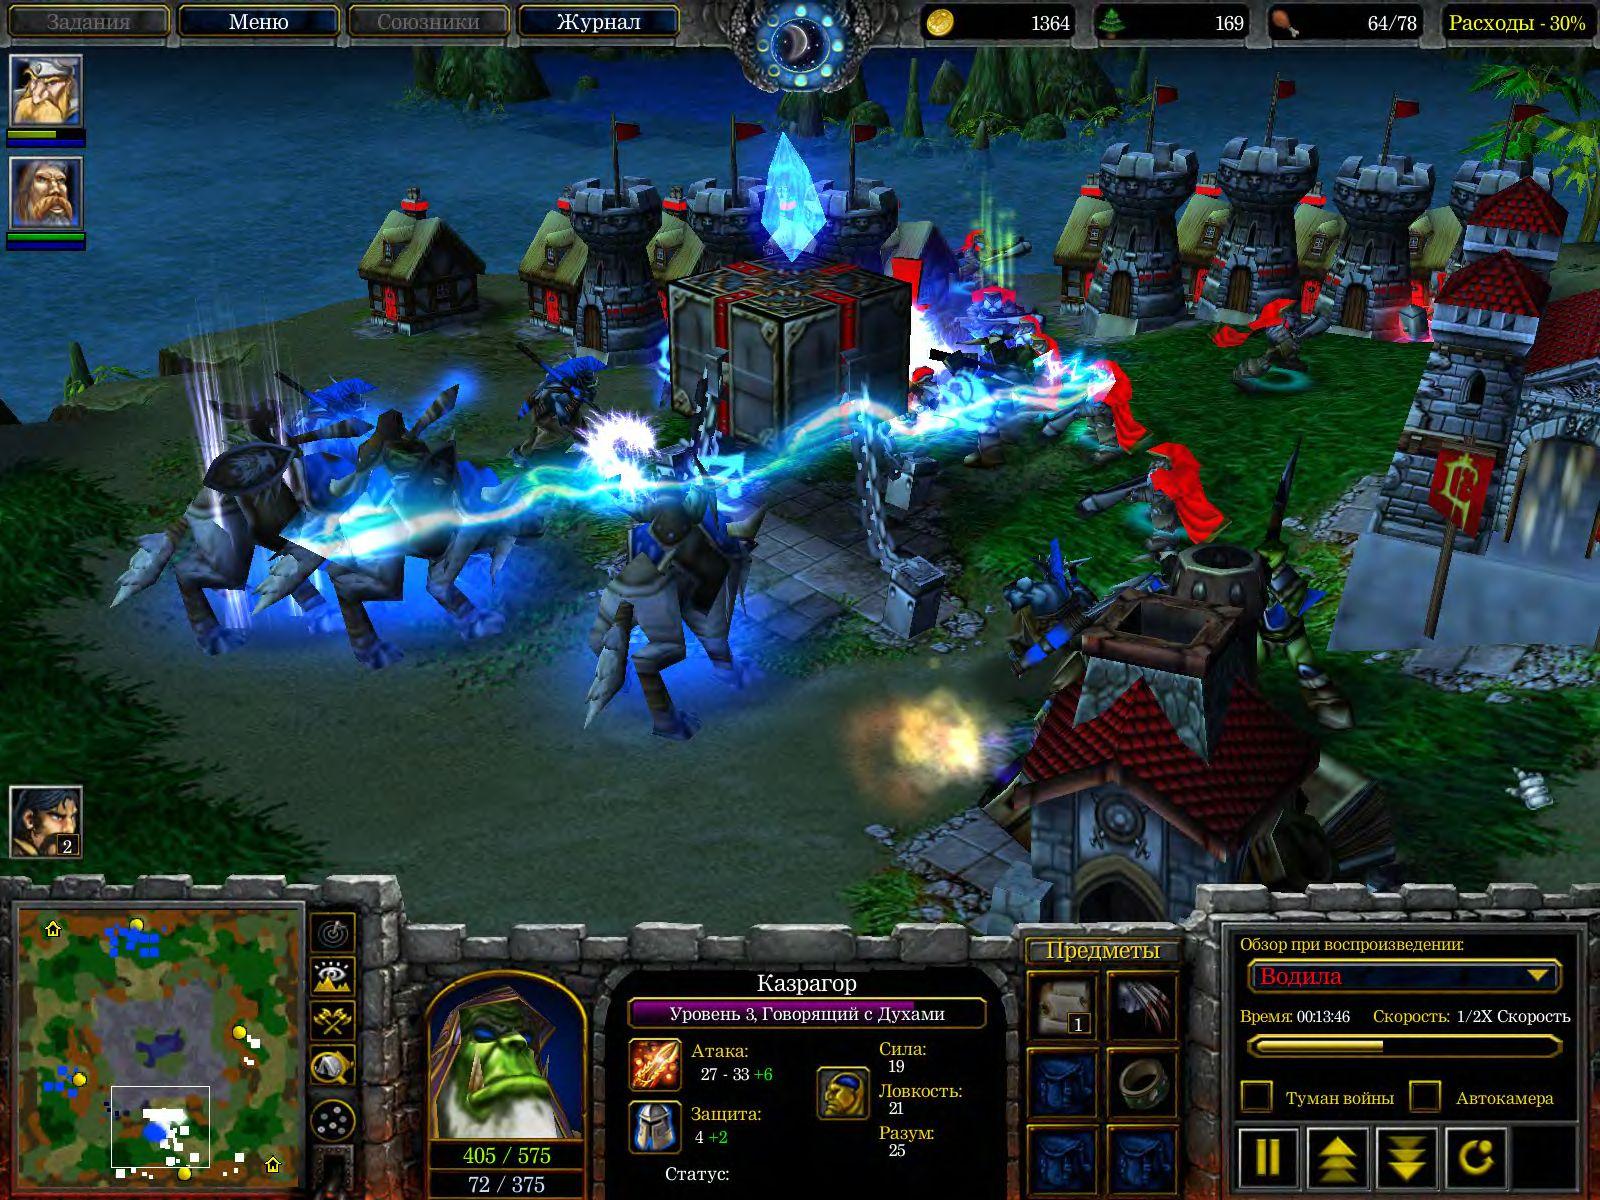 Сумерки богов 1. 8 warcraft 3 / модмейкинг xgm: extreme gamedev.